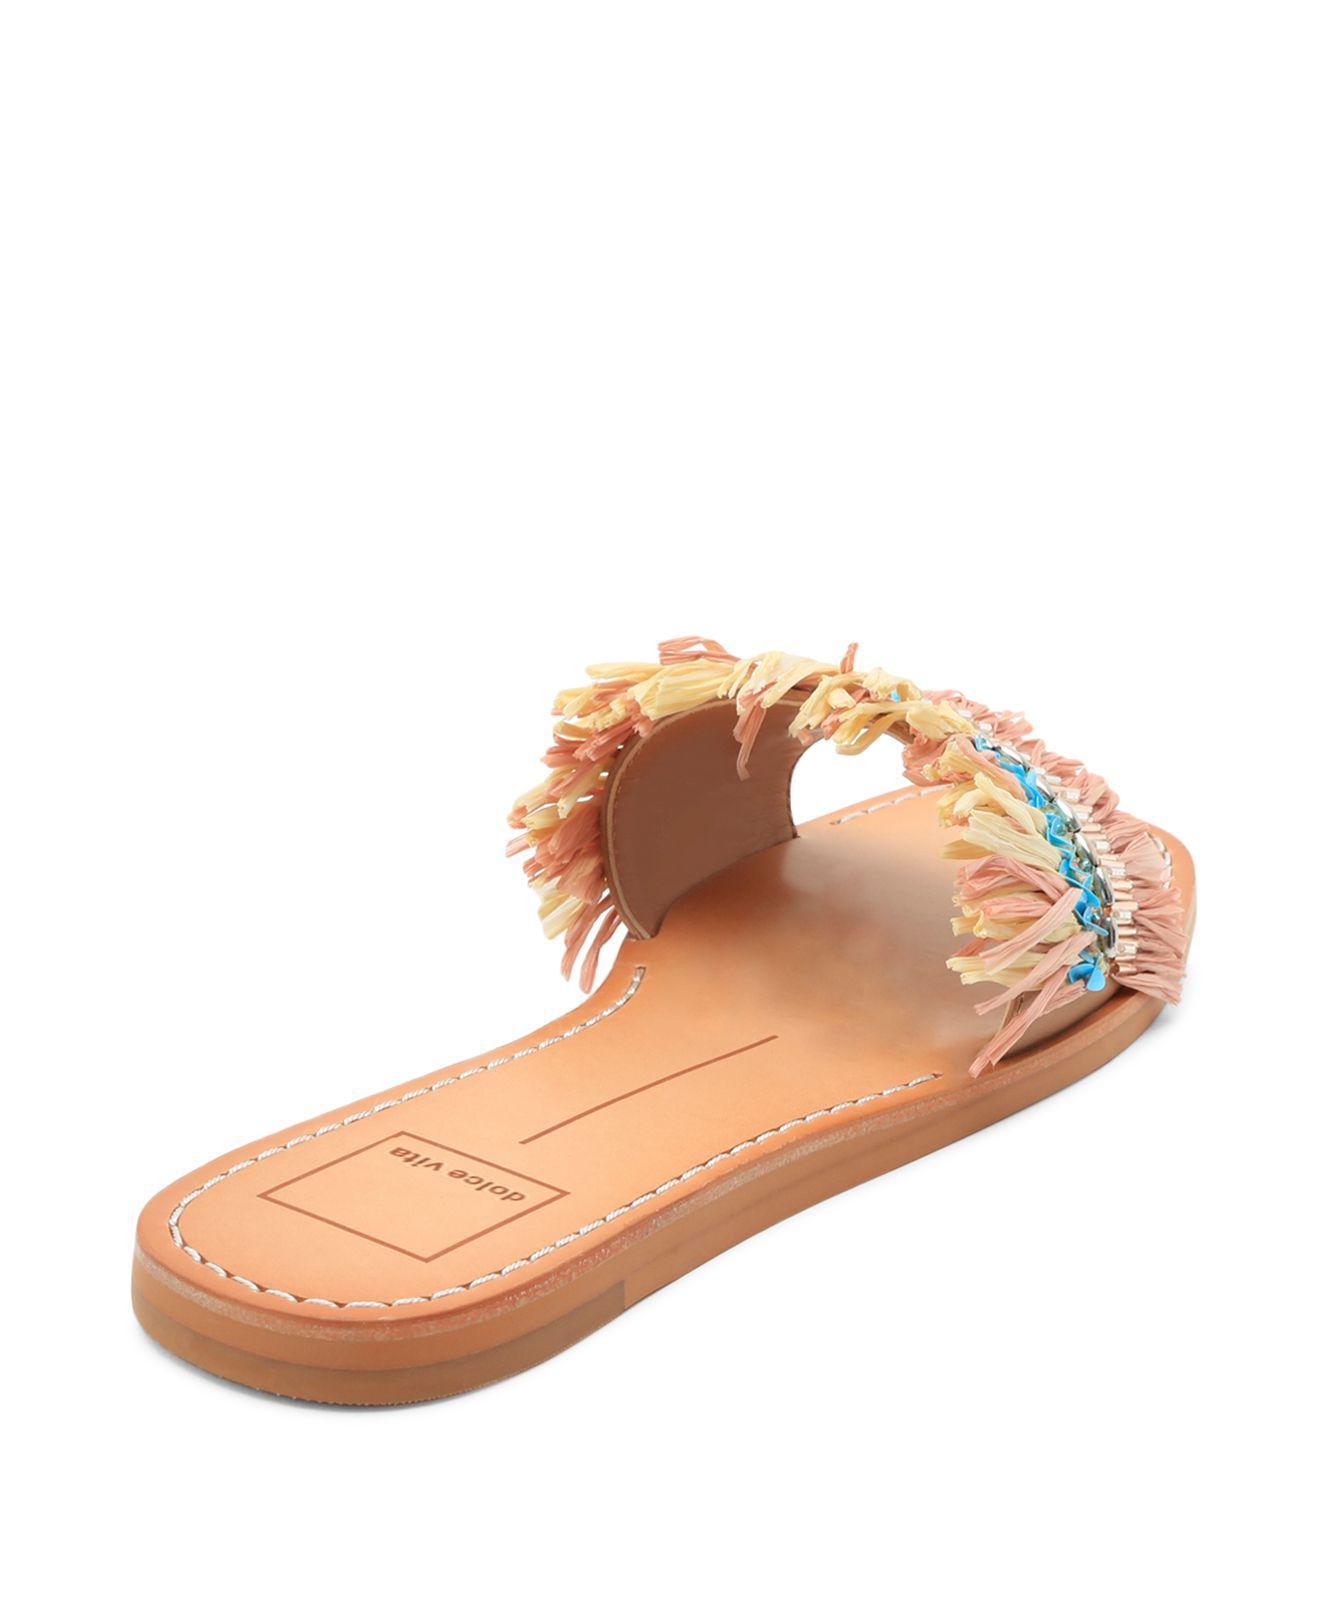 Dolce Vita Cadiz Embellished Raffia Slide Sandals jRwEb6v557